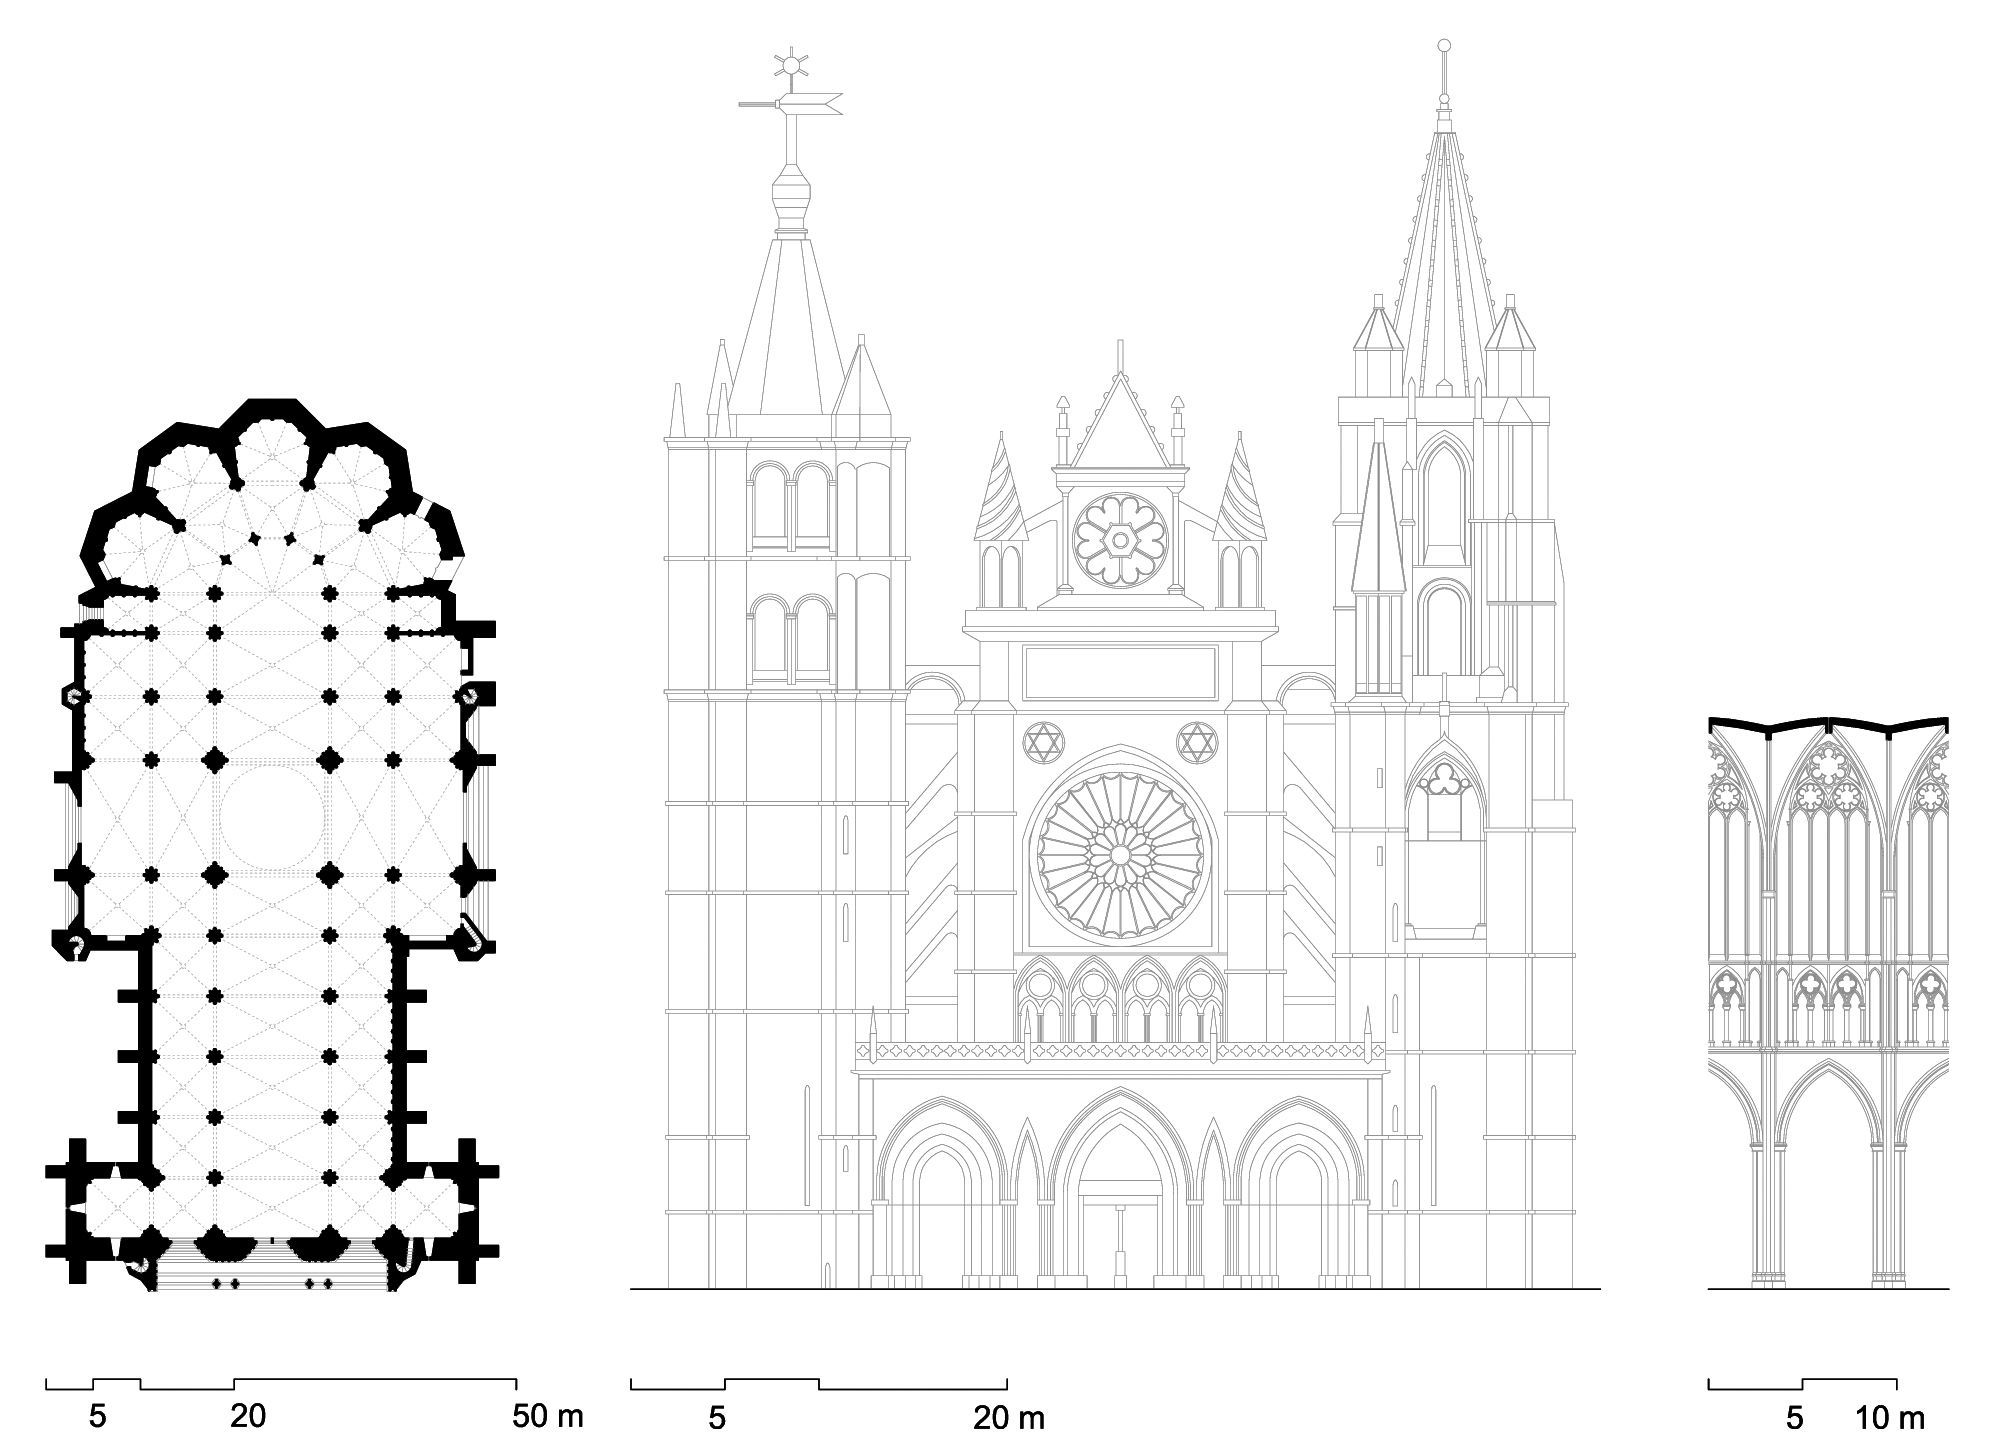 Planta alzado y corte interior de la catedral de le n - Alzado arquitectura ...